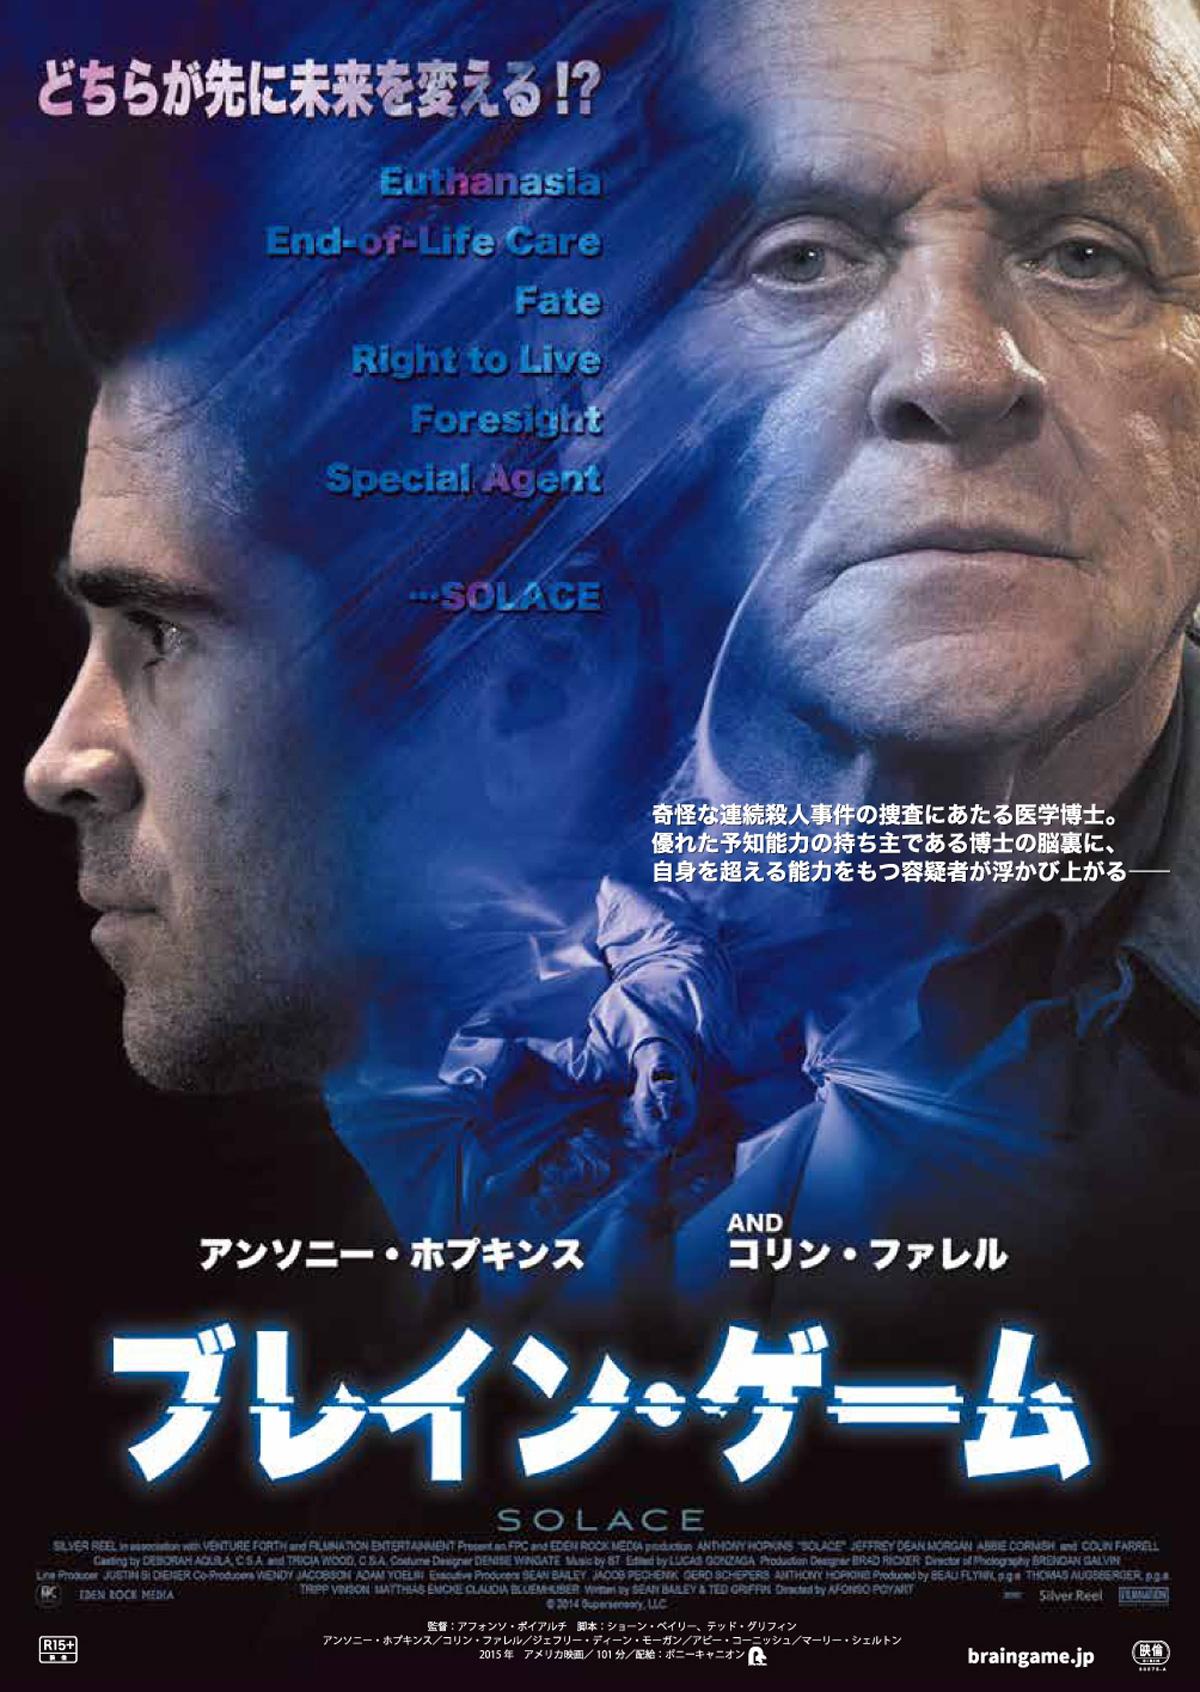 映画『ブレイン・ゲーム』のポスター